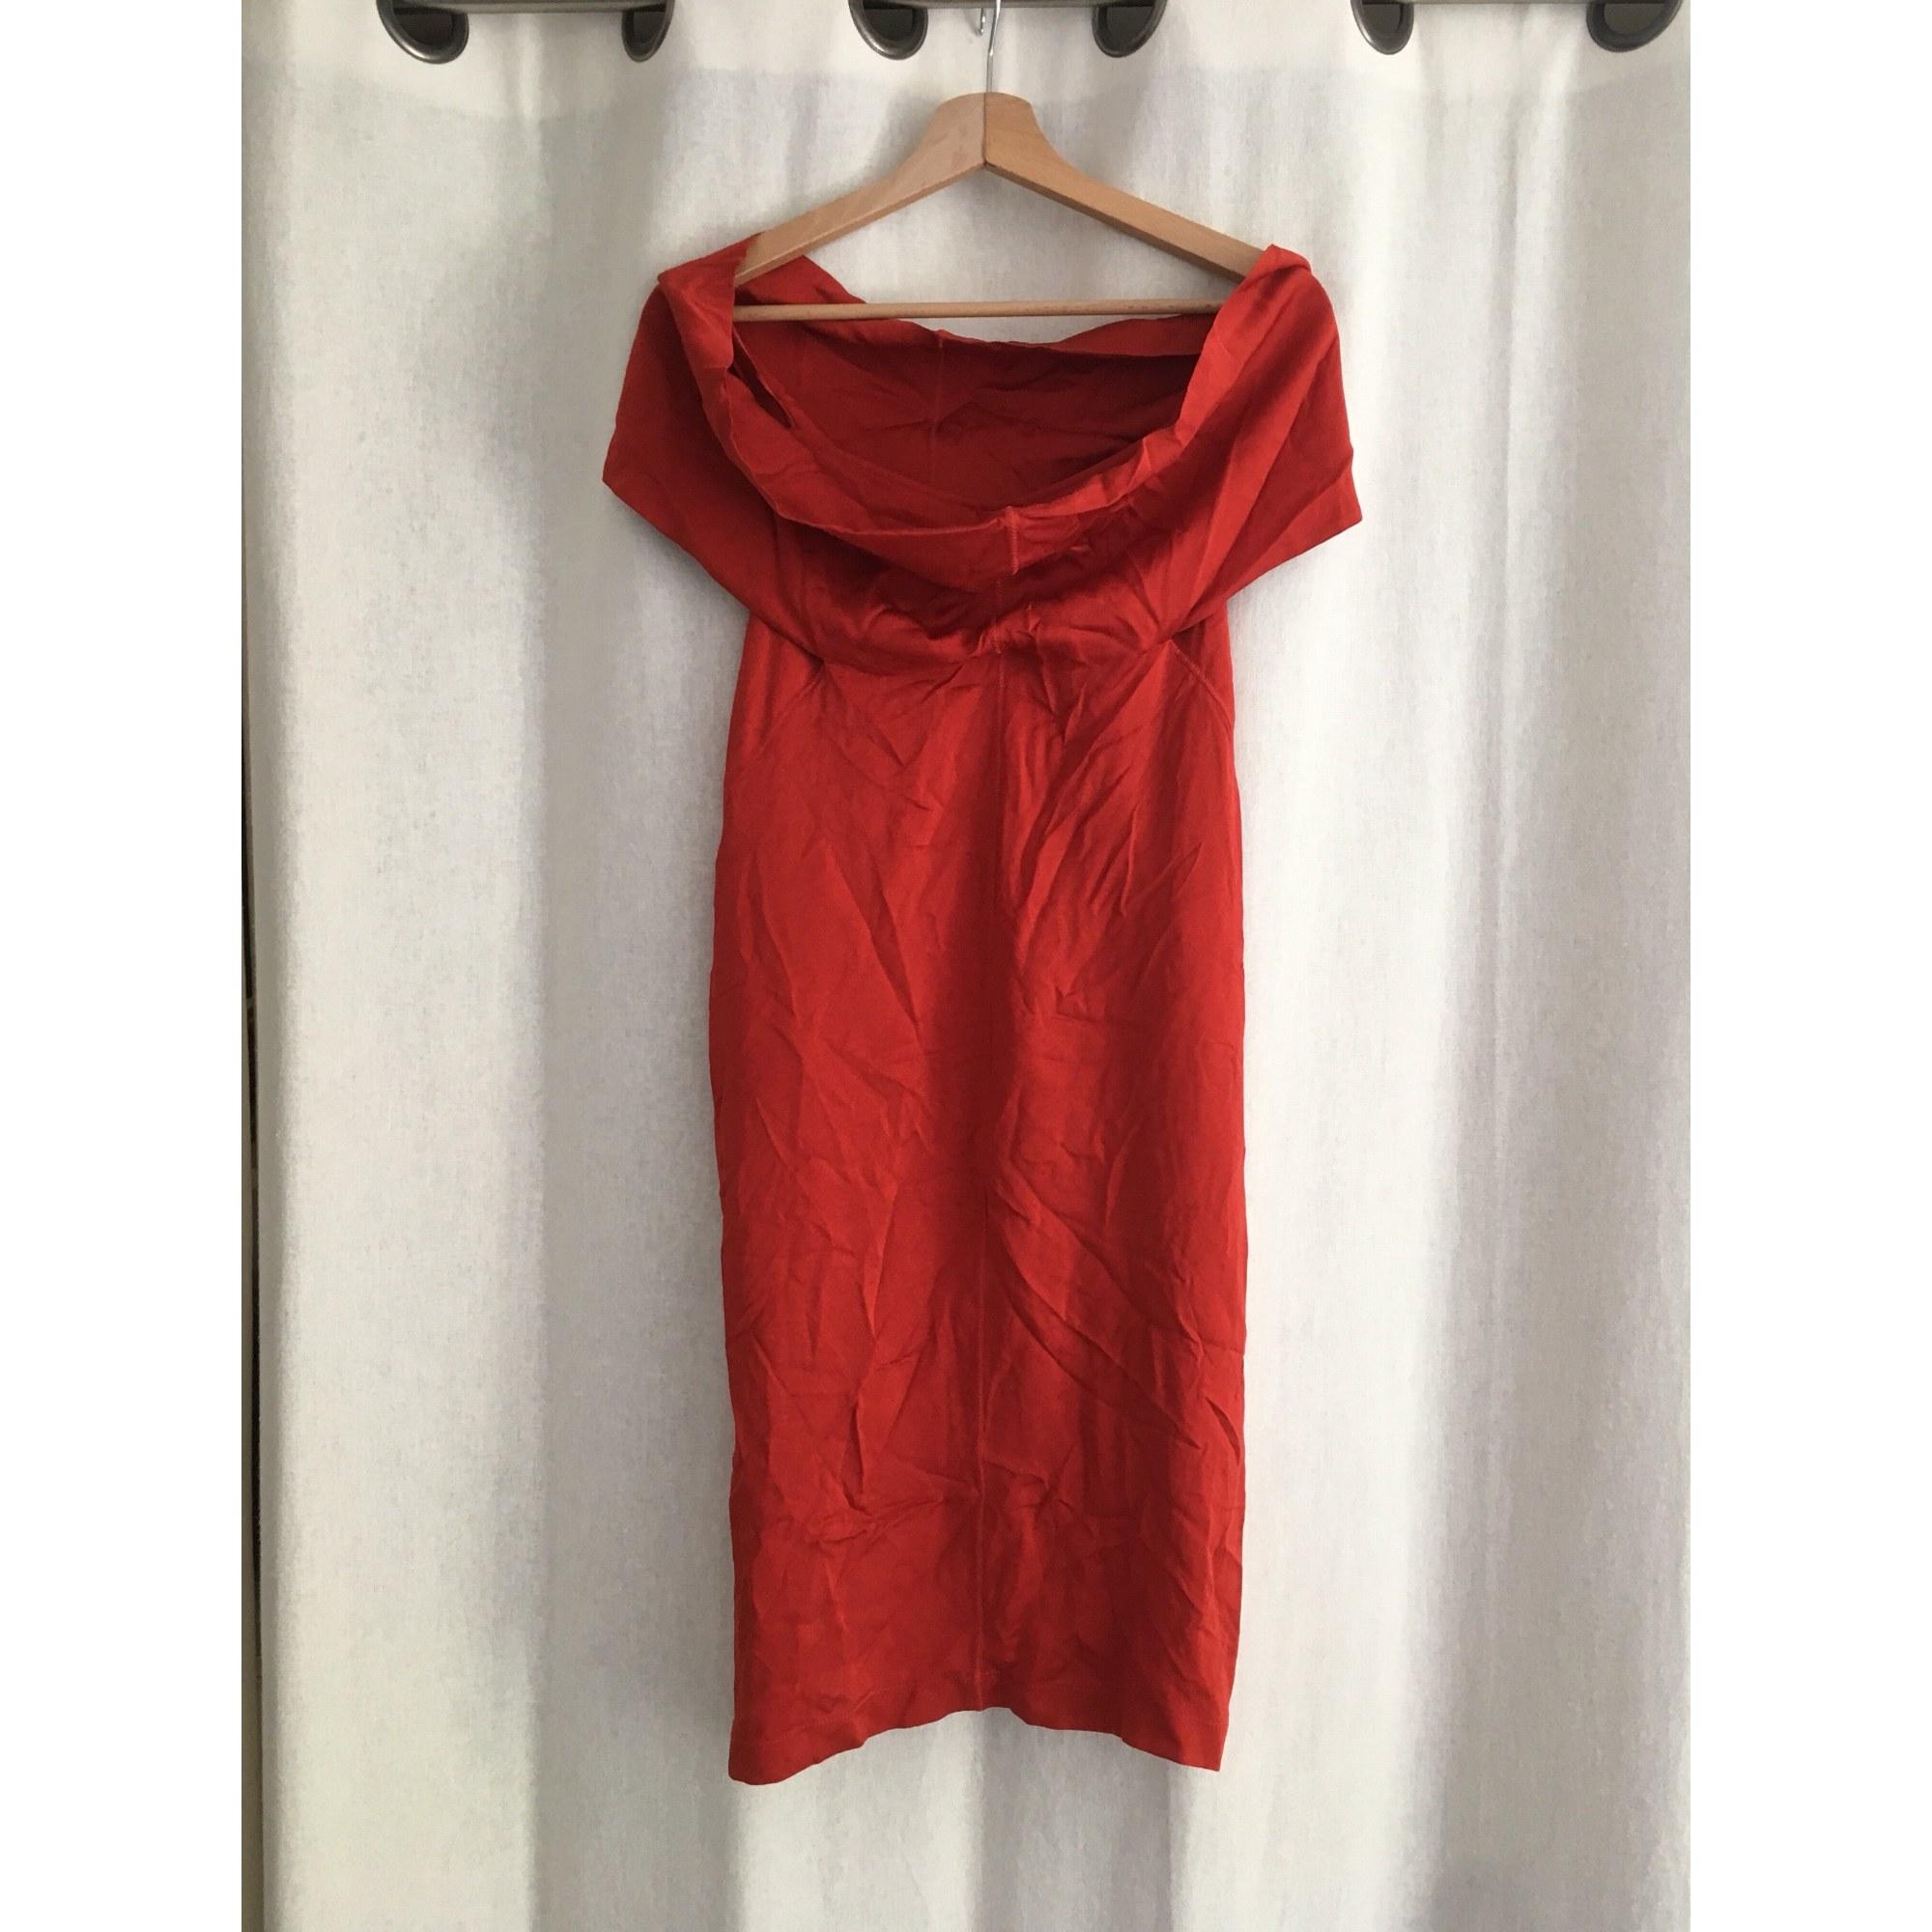 Robe courte PAUL SMITH Rouge, bordeaux